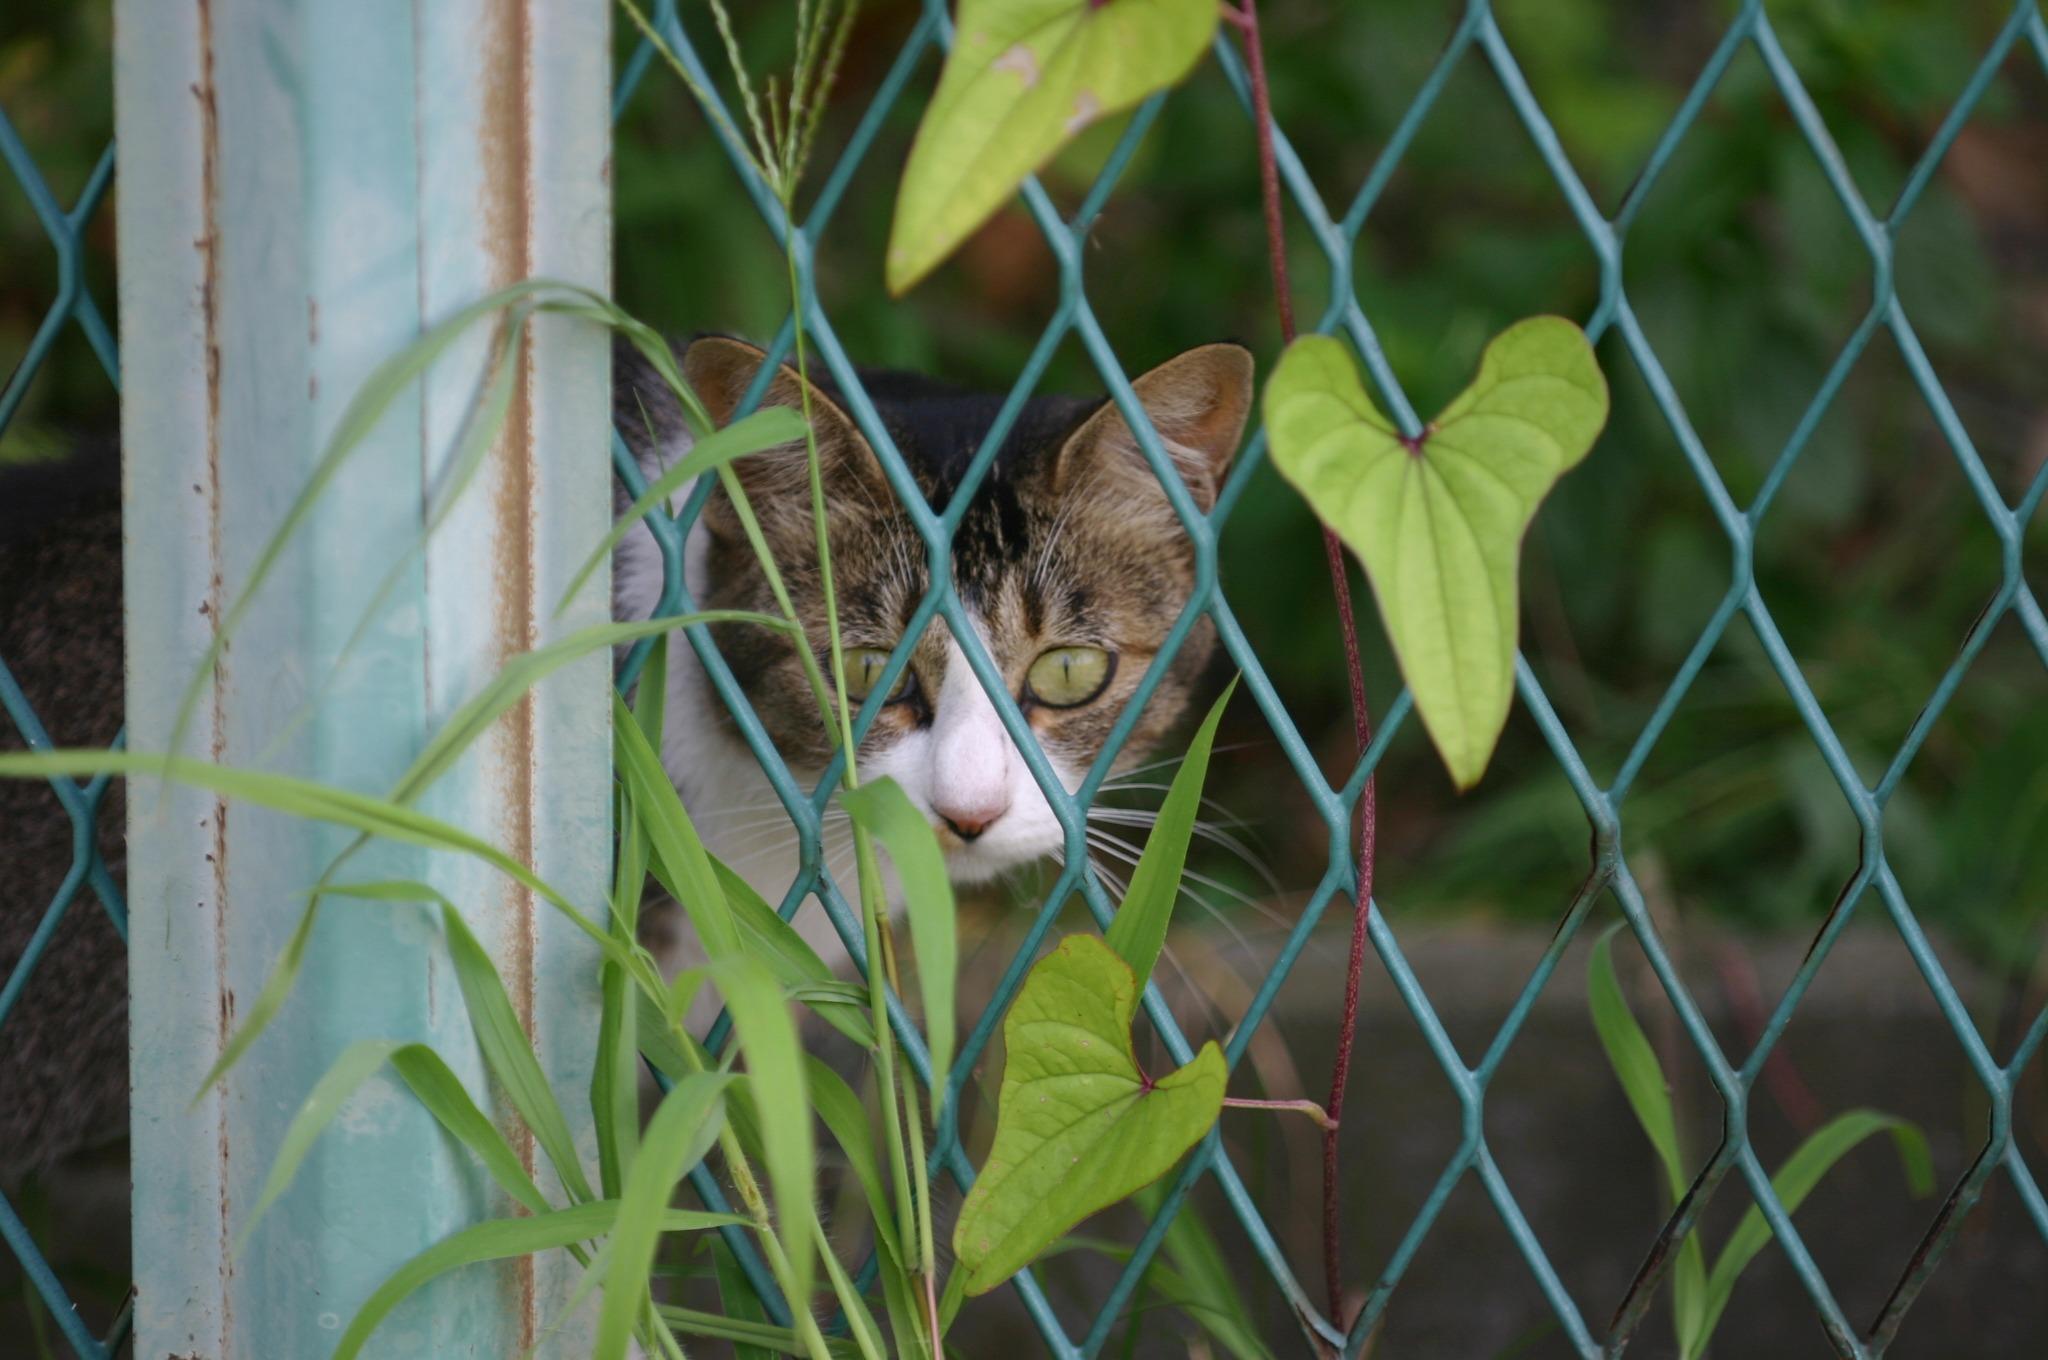 柵の向こう側にいる猫